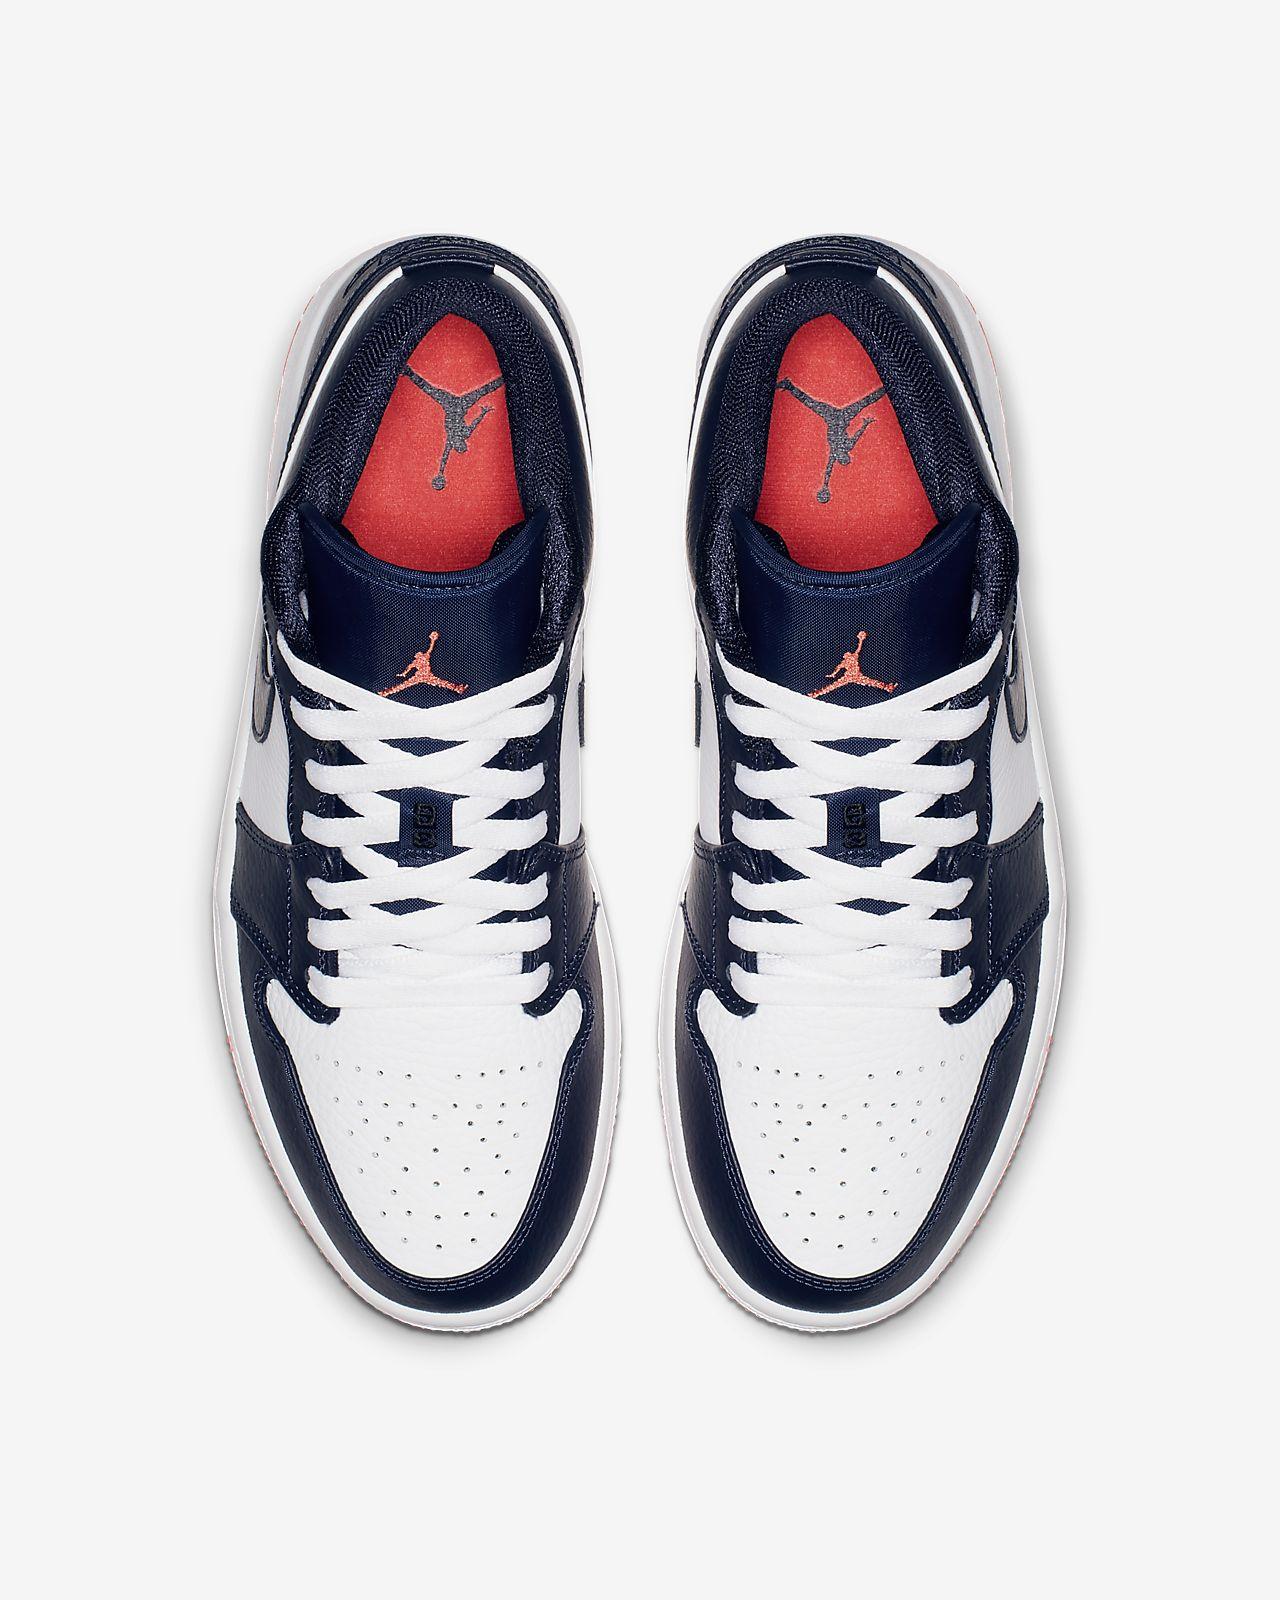 premium selection 2a3f1 57023 ... Air Jordan 1 Low Men s Shoe